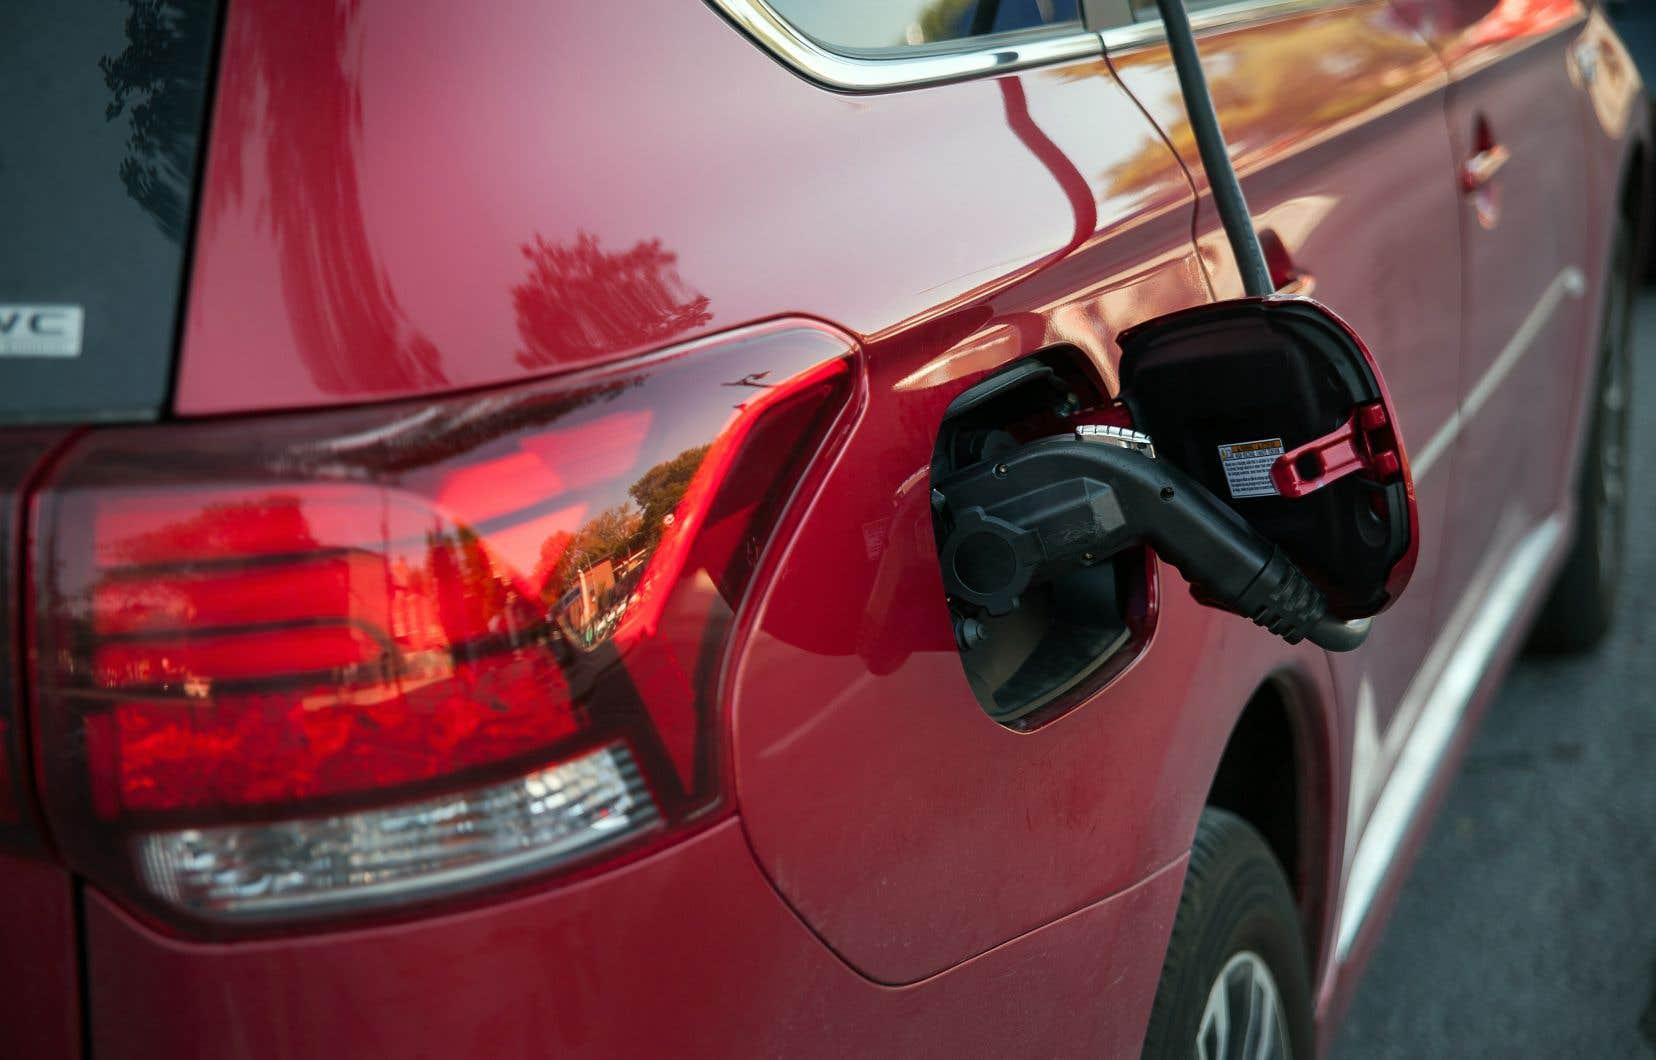 Une quinzaine de modèles électriques ou hybrides se qualifient pour le rabais fédéral de 5000$ et une dizaine pour celui de 2500$.